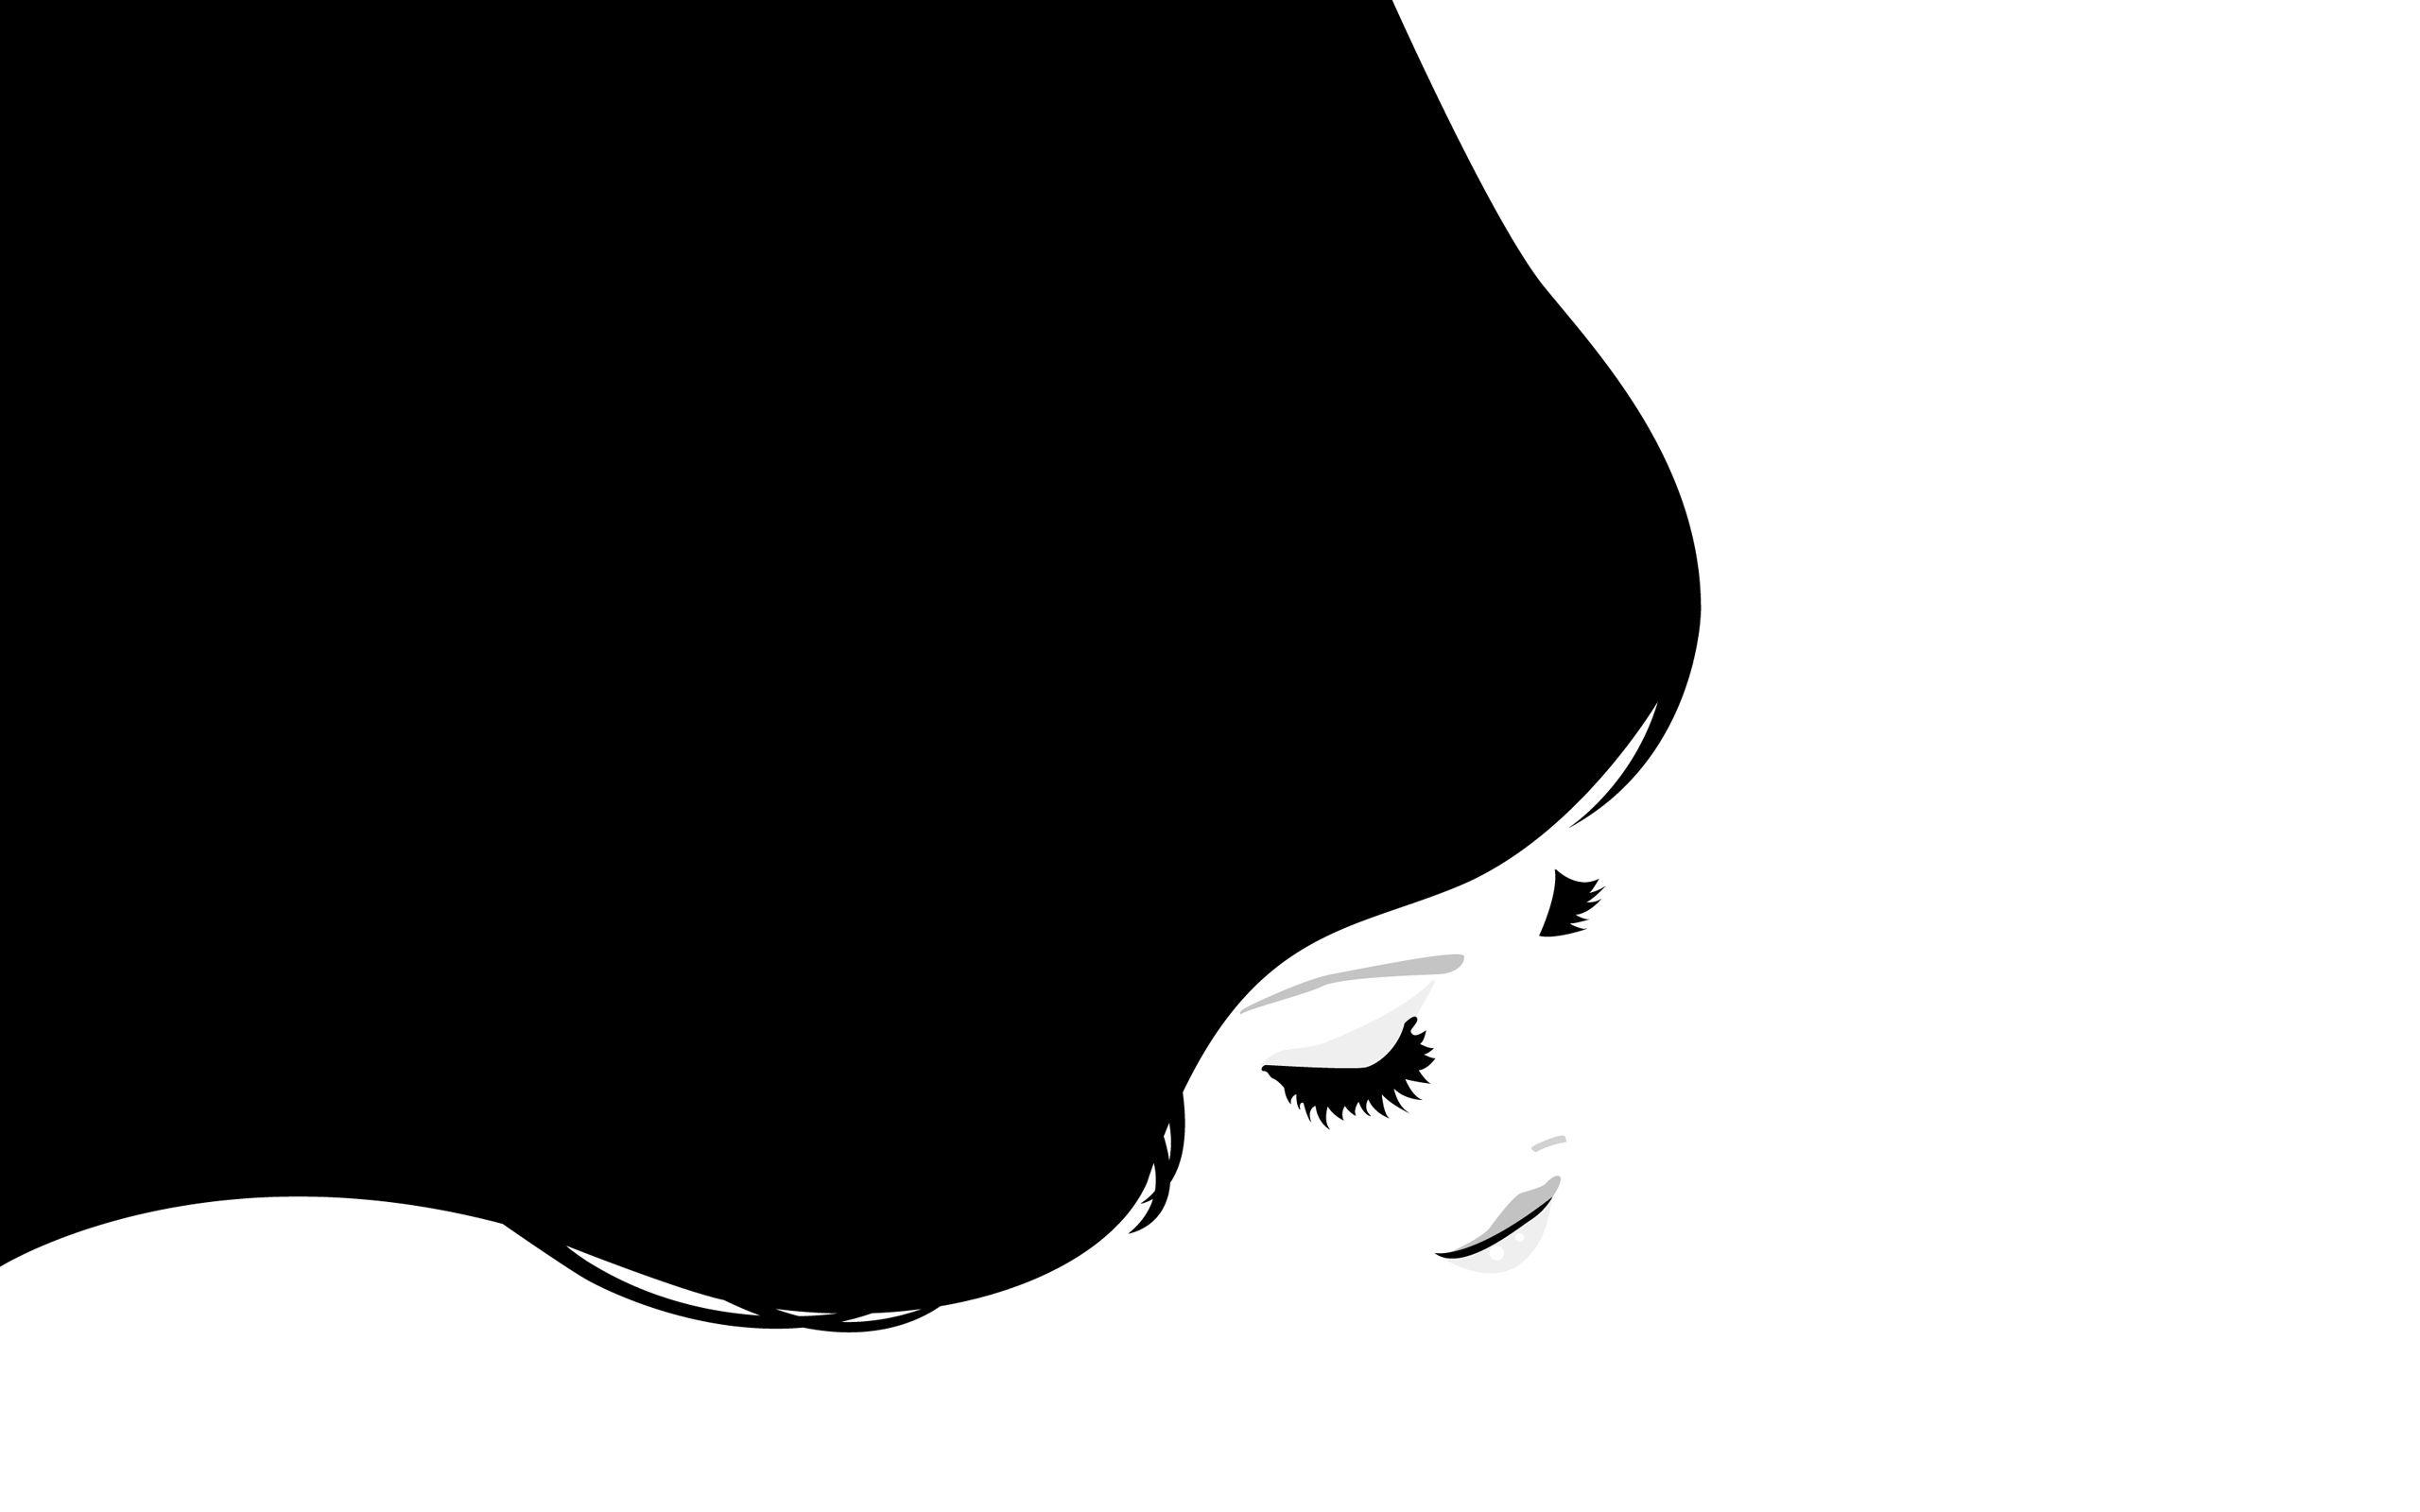 80025 descarga Blanco fondos de pantalla para tu teléfono gratis, Vector, Niña, Muchacha, Cabello, Brillar, Luz, El Negro Blanco imágenes y protectores de pantalla para tu teléfono